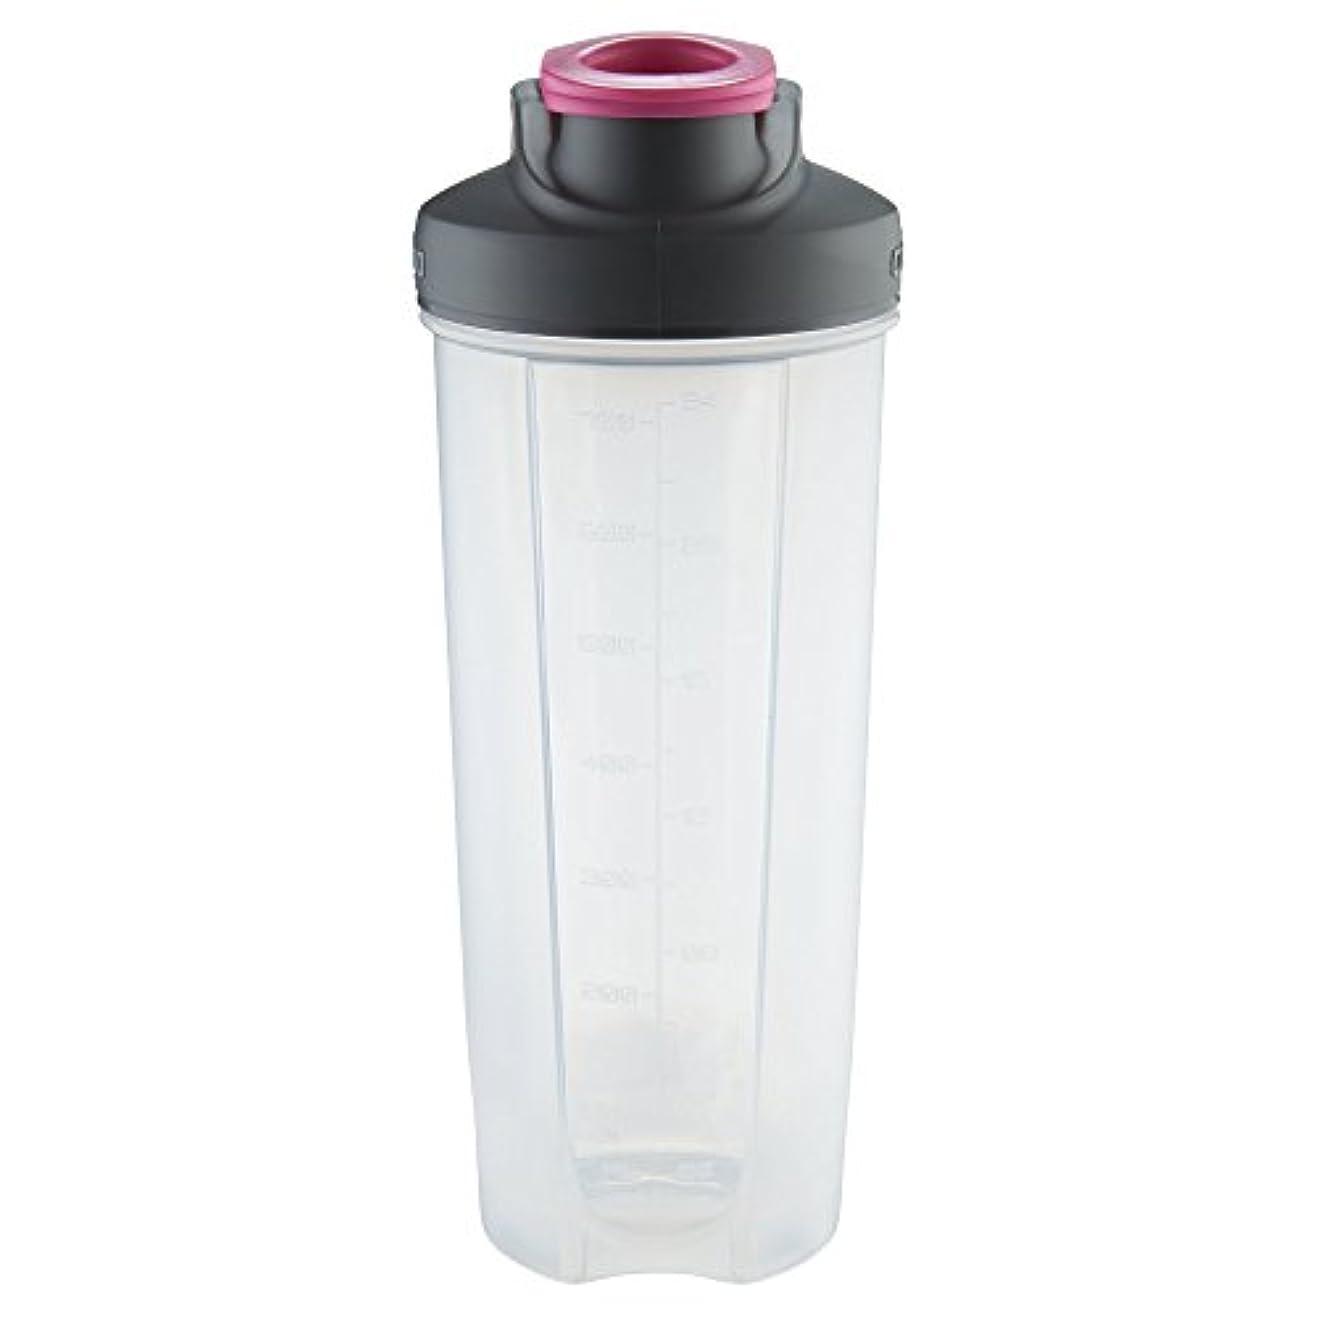 薄いですただ弱点Contigo 70293 Shake & Go Fit Mixer Bottle, 28 oz, Neon Pink by Contigo